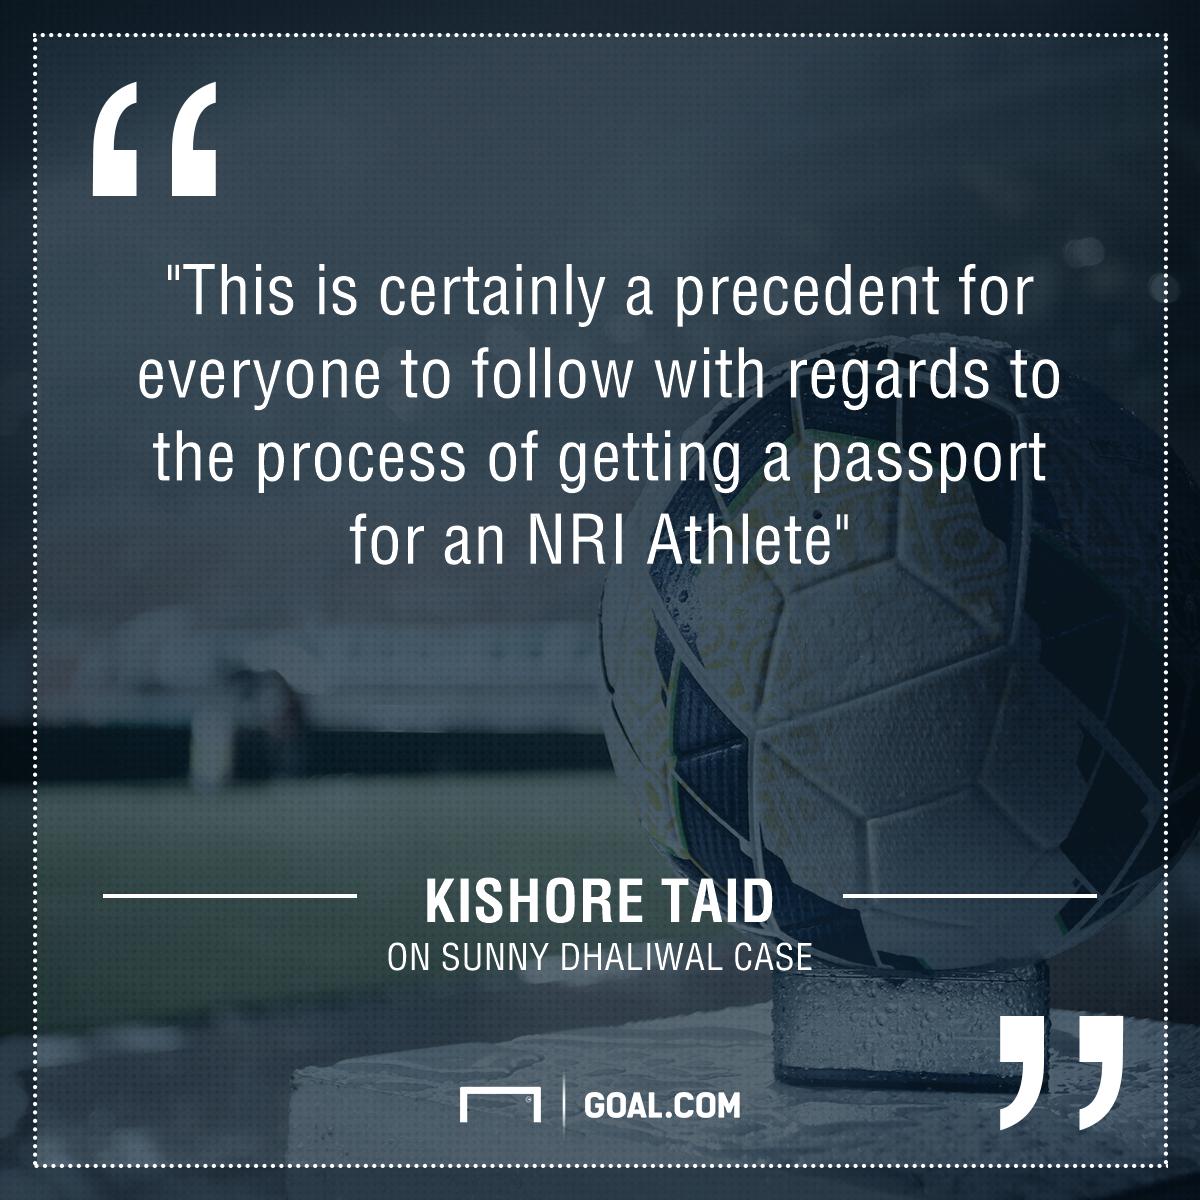 Kishore quote